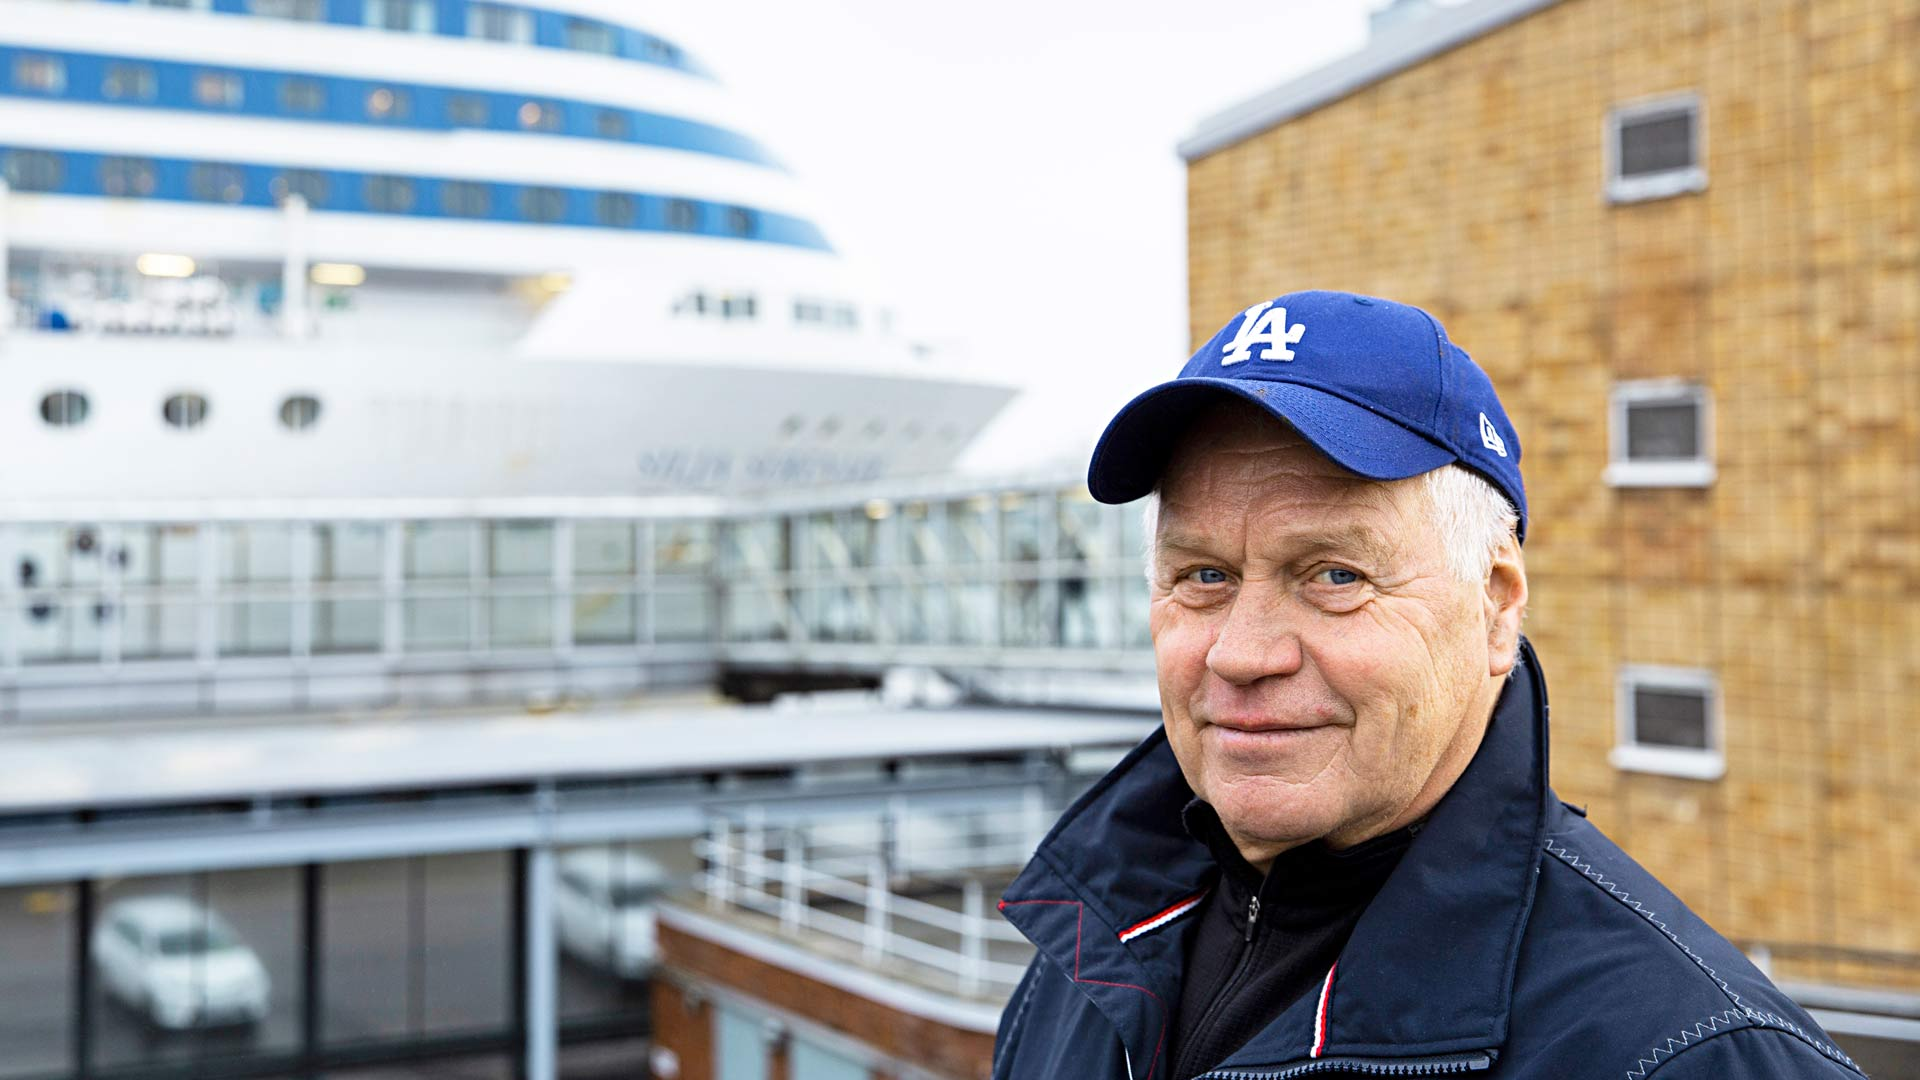 Aimo Limnell kuljetti neuvostoloikkarin poliisiaseman sijasta laivaterminaaliin yli neljä vuosikymmentä sitten.